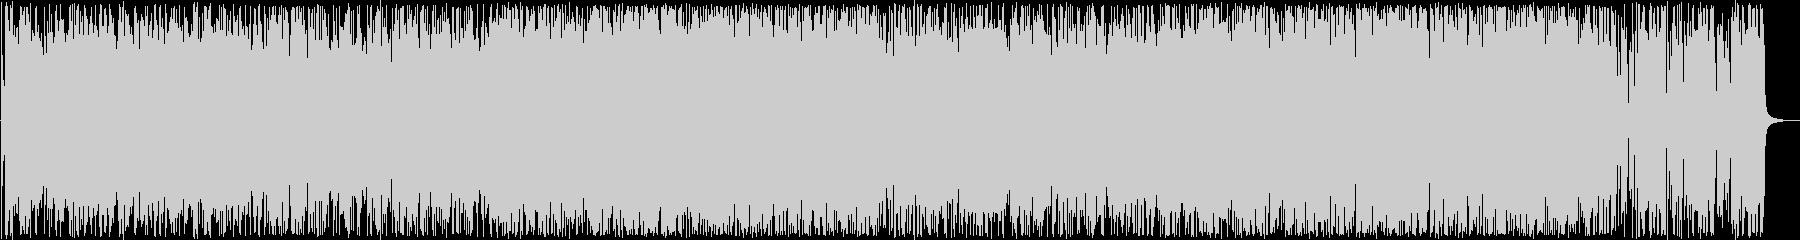 おしゃれなピアノシンセ打楽器サウンドの未再生の波形